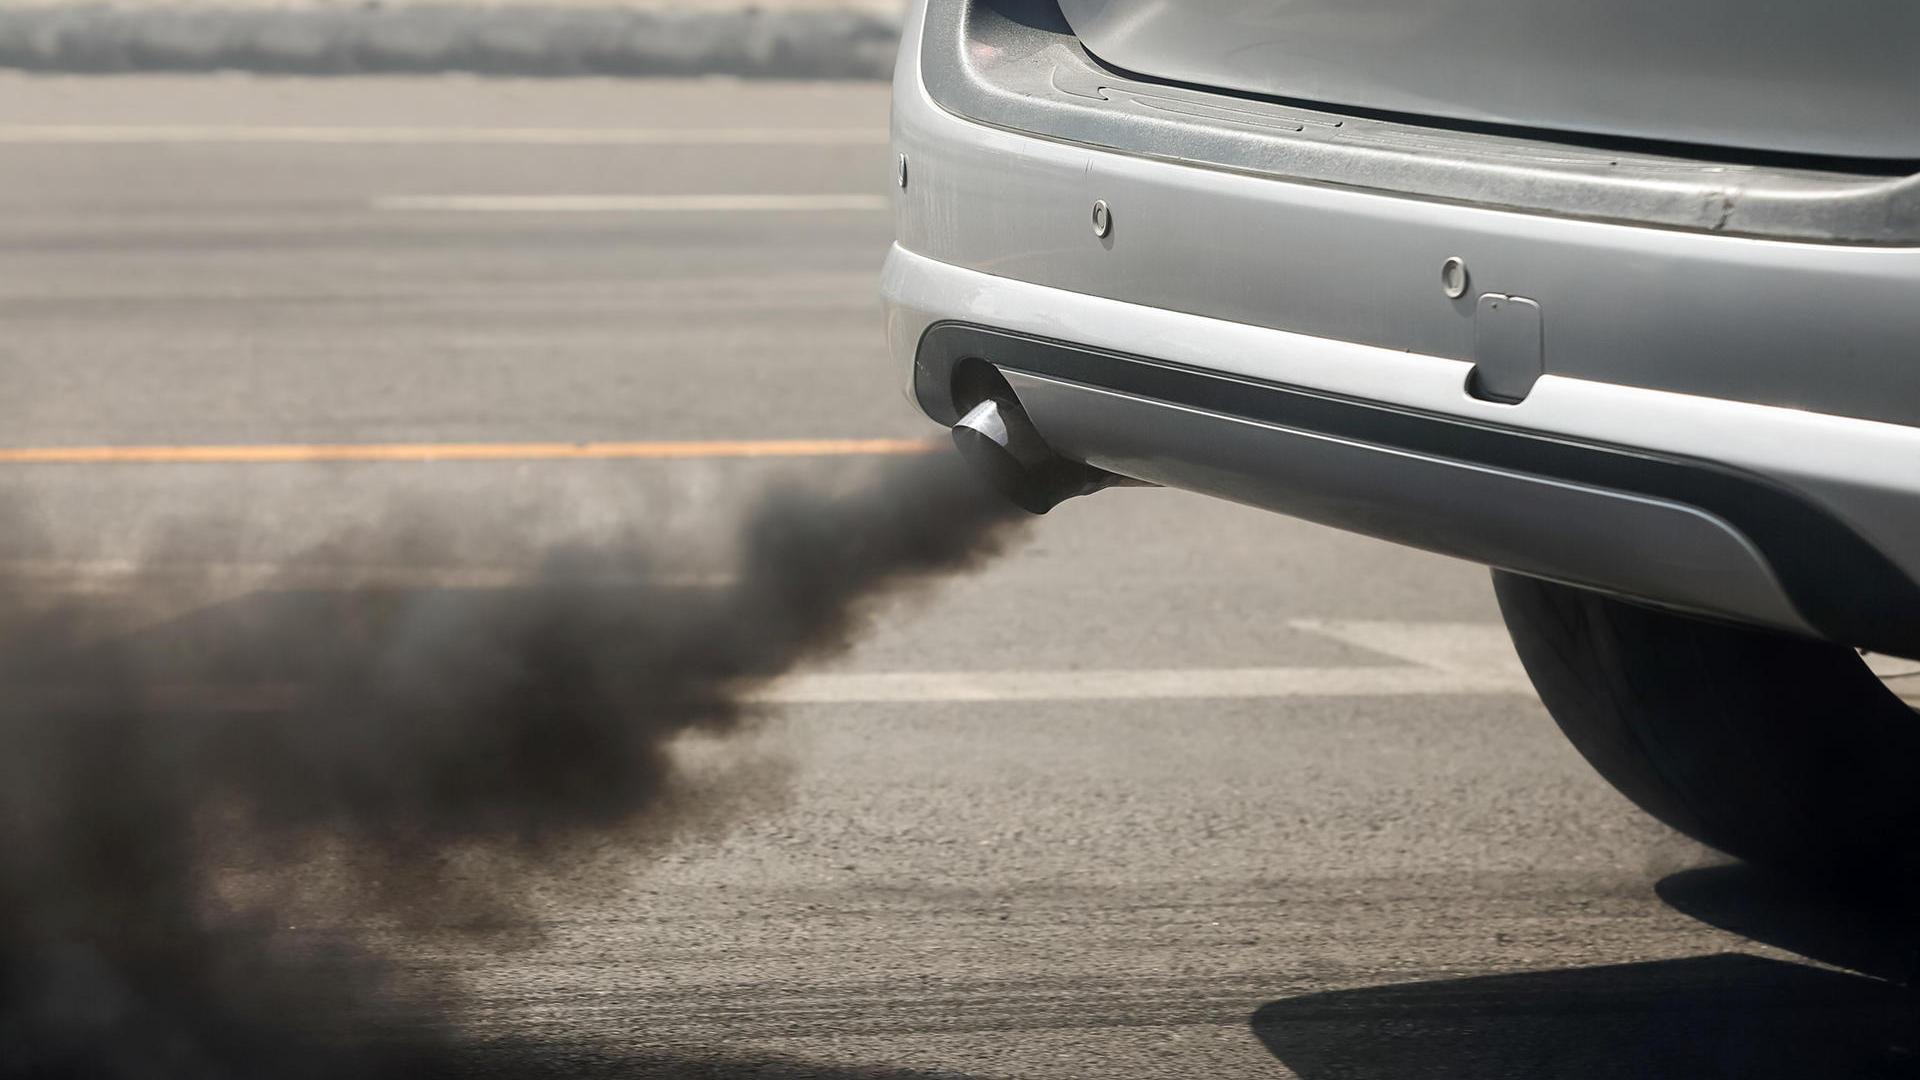 Kein Interesse. Ich verstinke lieber die Luft mit meinem Diesel / Beziner.